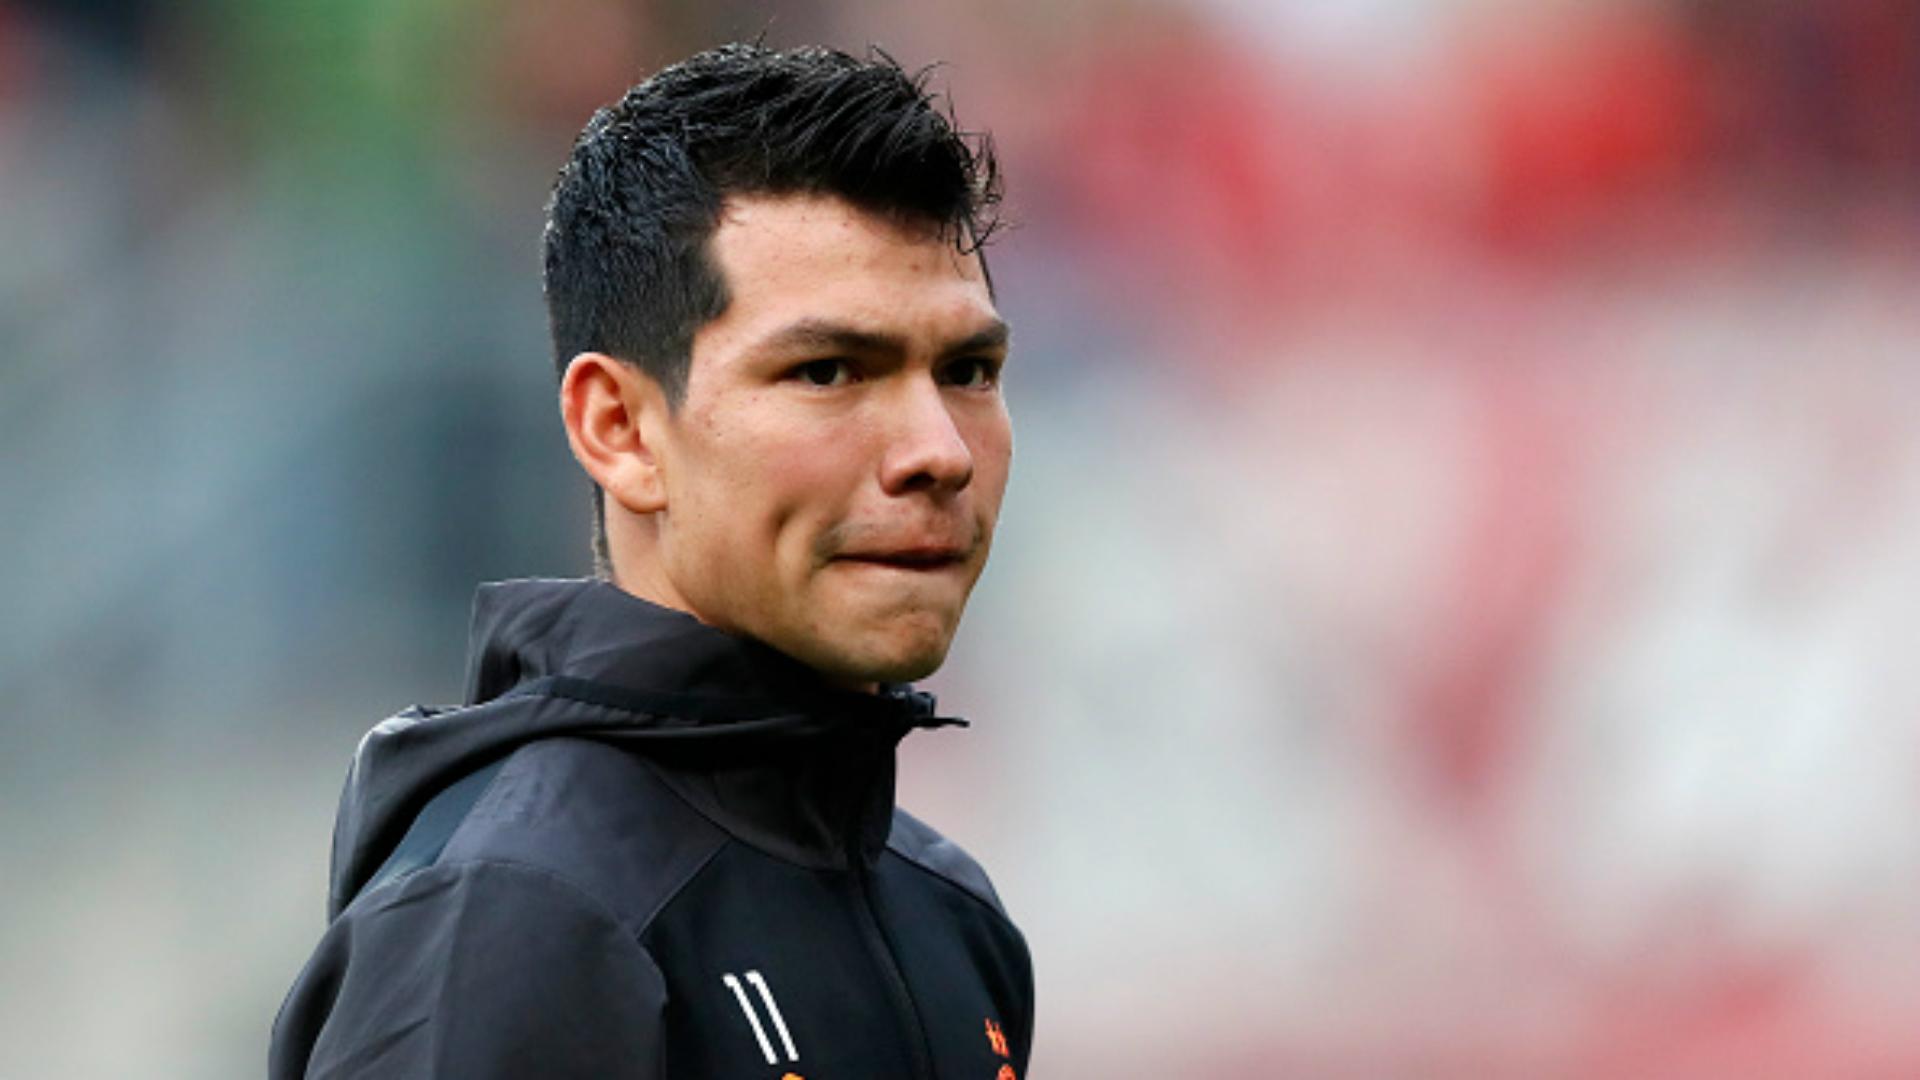 Lozano è ufficialmente un calciatore del Napoli, scoppia la Lozano-mania